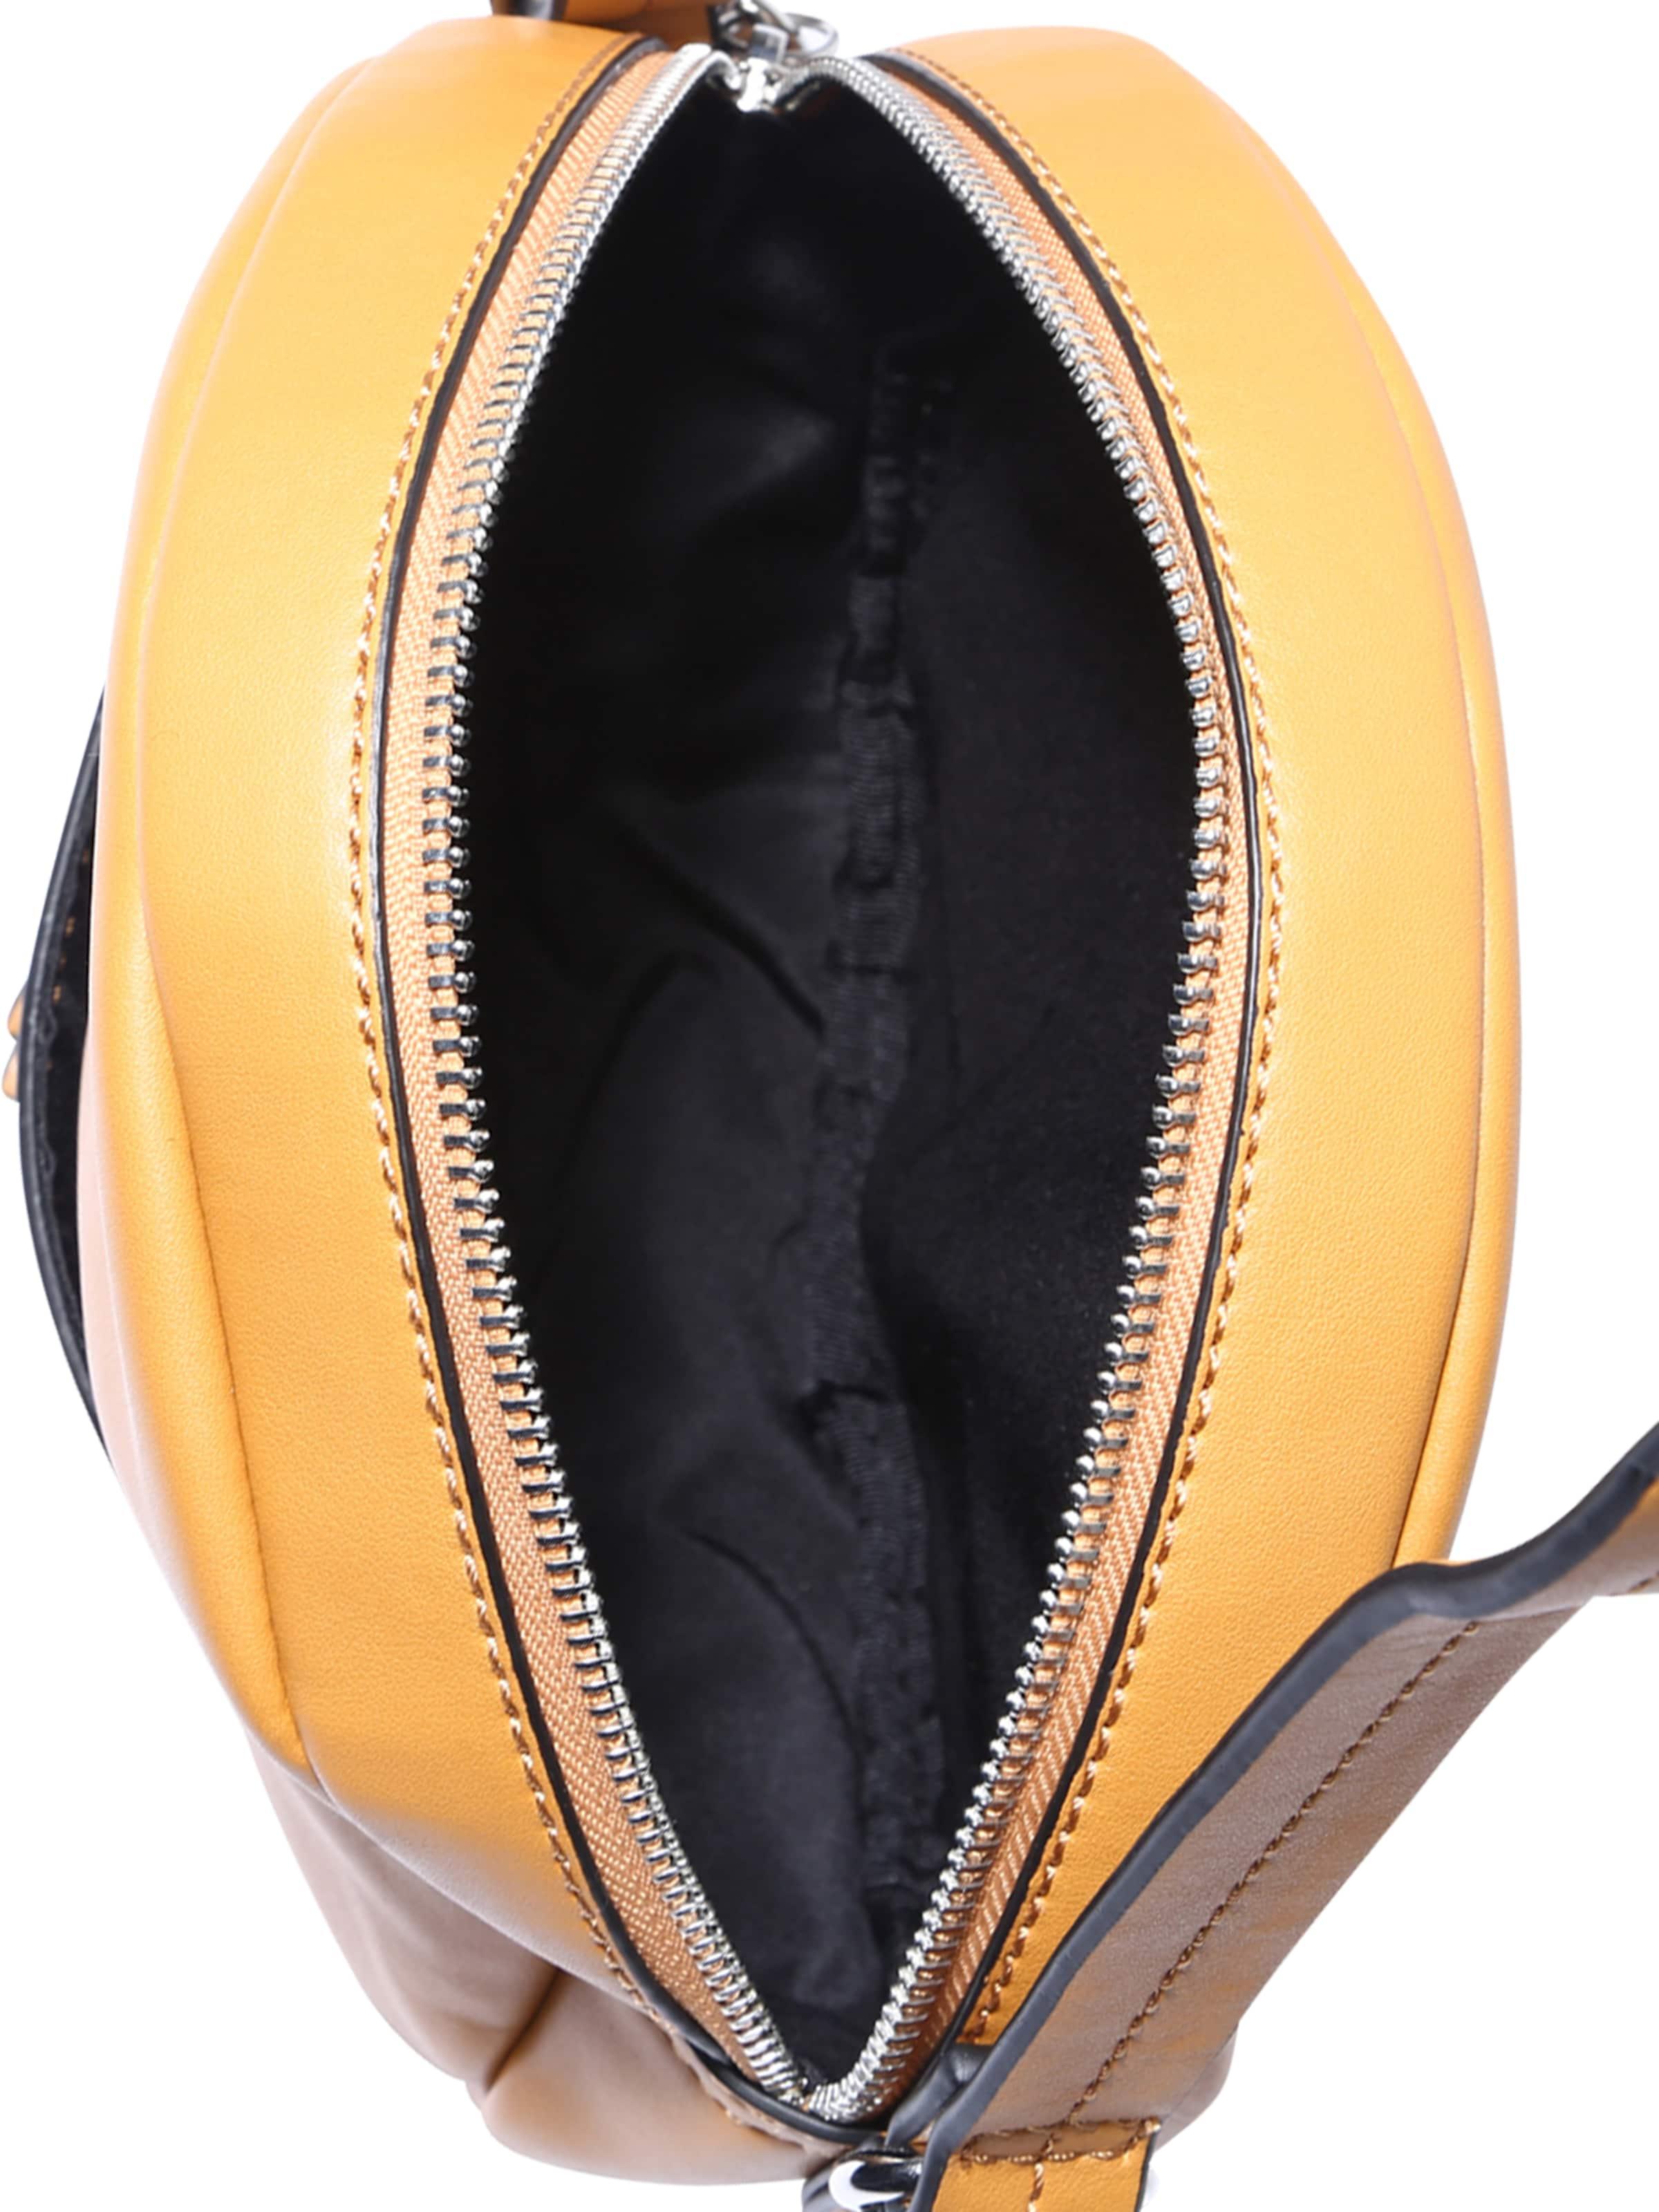 Esprit Umhängetasche Umhängetasche 'masha' 'masha' In Esprit Umhängetasche In Hellbraun Hellbraun 'masha' Esprit 4A5L3Rjq